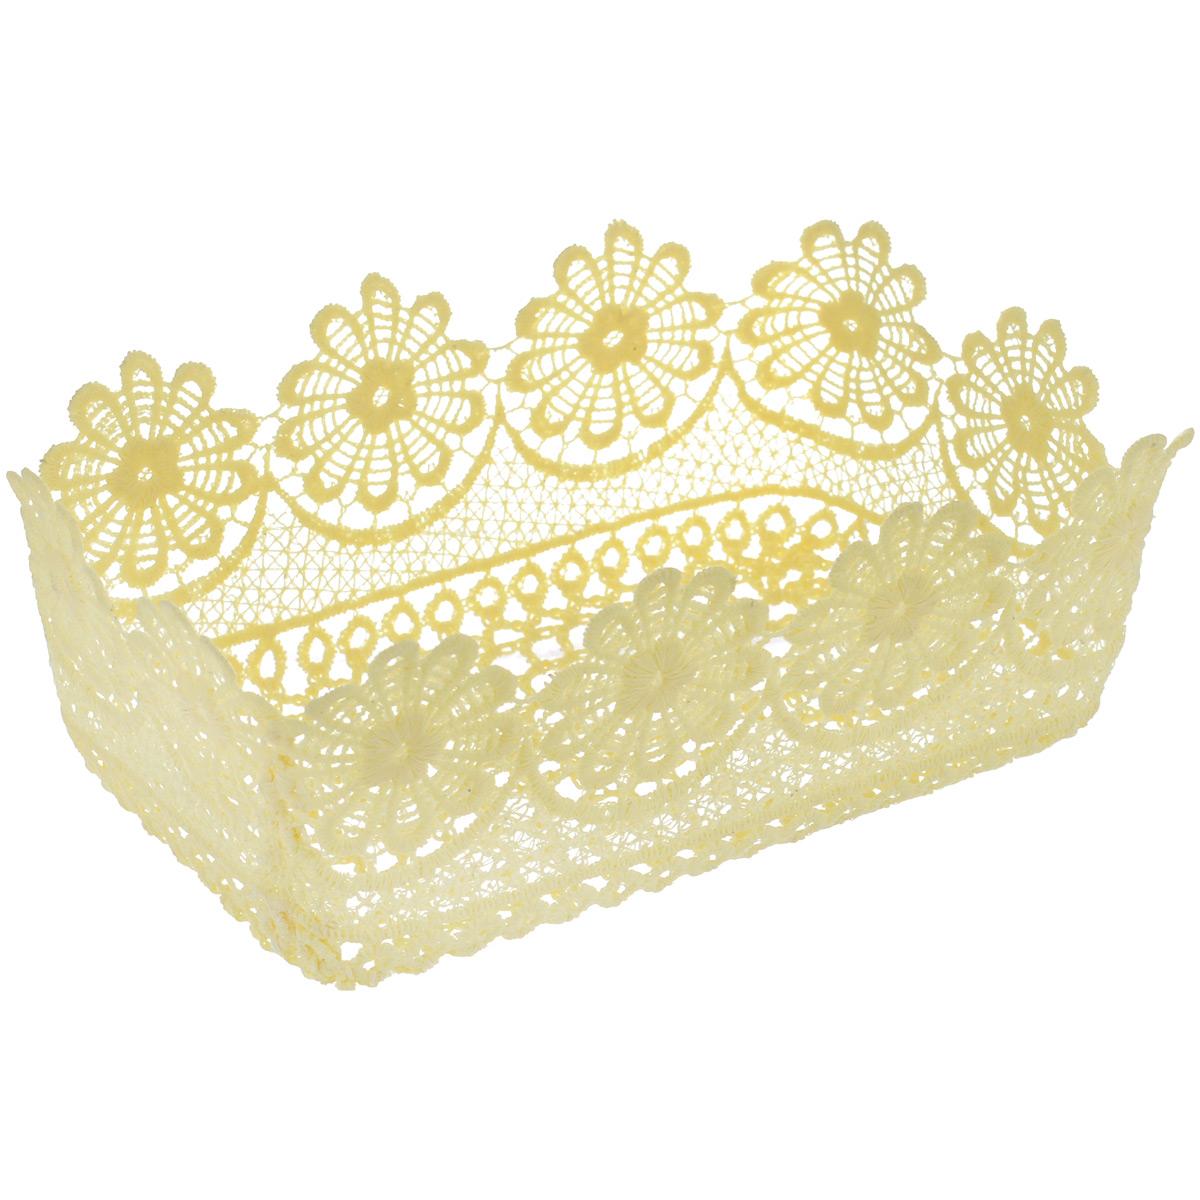 Корзина декоративная Home Queen Прямоугольная. Ромашки, цвет: кремовый, 21 х 13 х 8 см64339_1Декоративная корзина Home Queen Прямоугольная. Ромашки, выполненная из полиэстера, предназначена для хранения различных мелочей и аксессуаров. Изделие имеет красивую перфорацию по всей поверхности и ажурные края. Такая корзина станет оригинальным и необычным подарком или украшением интерьера. Размер корзины: 21 х 13 х 8 см. Размер дна: 18 х 10,5 см.